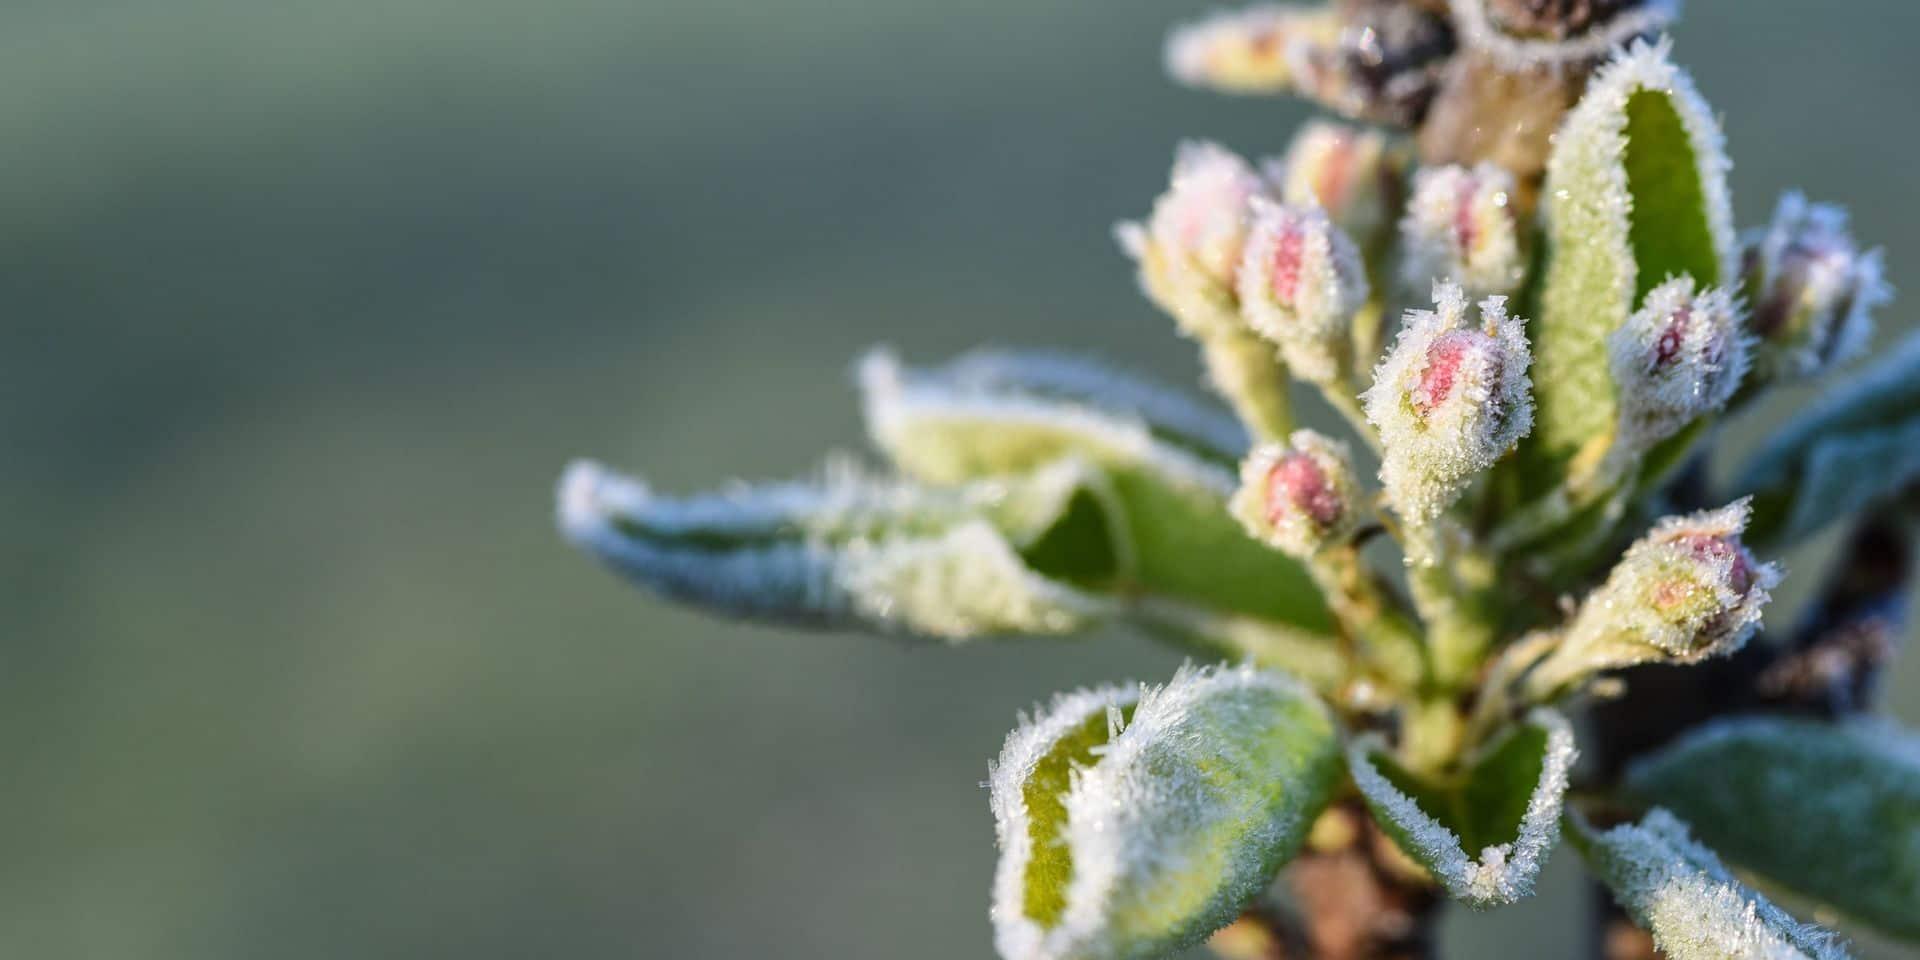 La formation botanique de Natagora s'invite à Liège